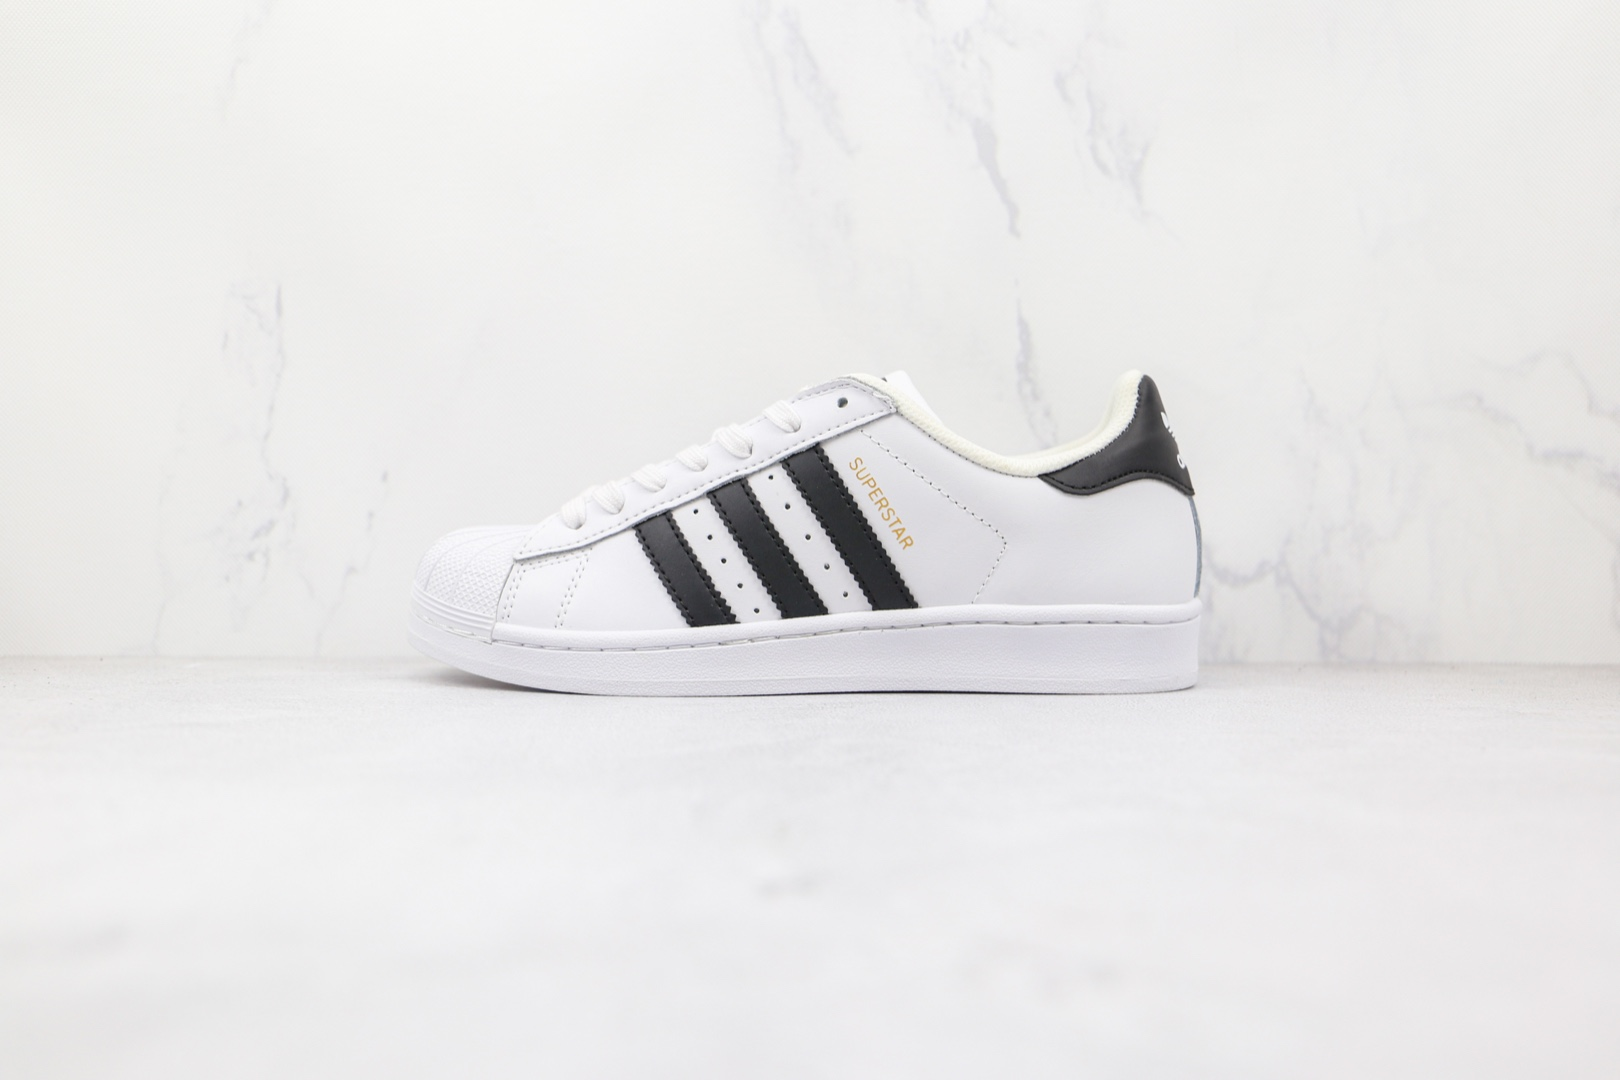 阿迪达斯Adidas Originals Superstar纯原版本三叶草金标贝壳头板鞋原装软蓝底 货号:C77124